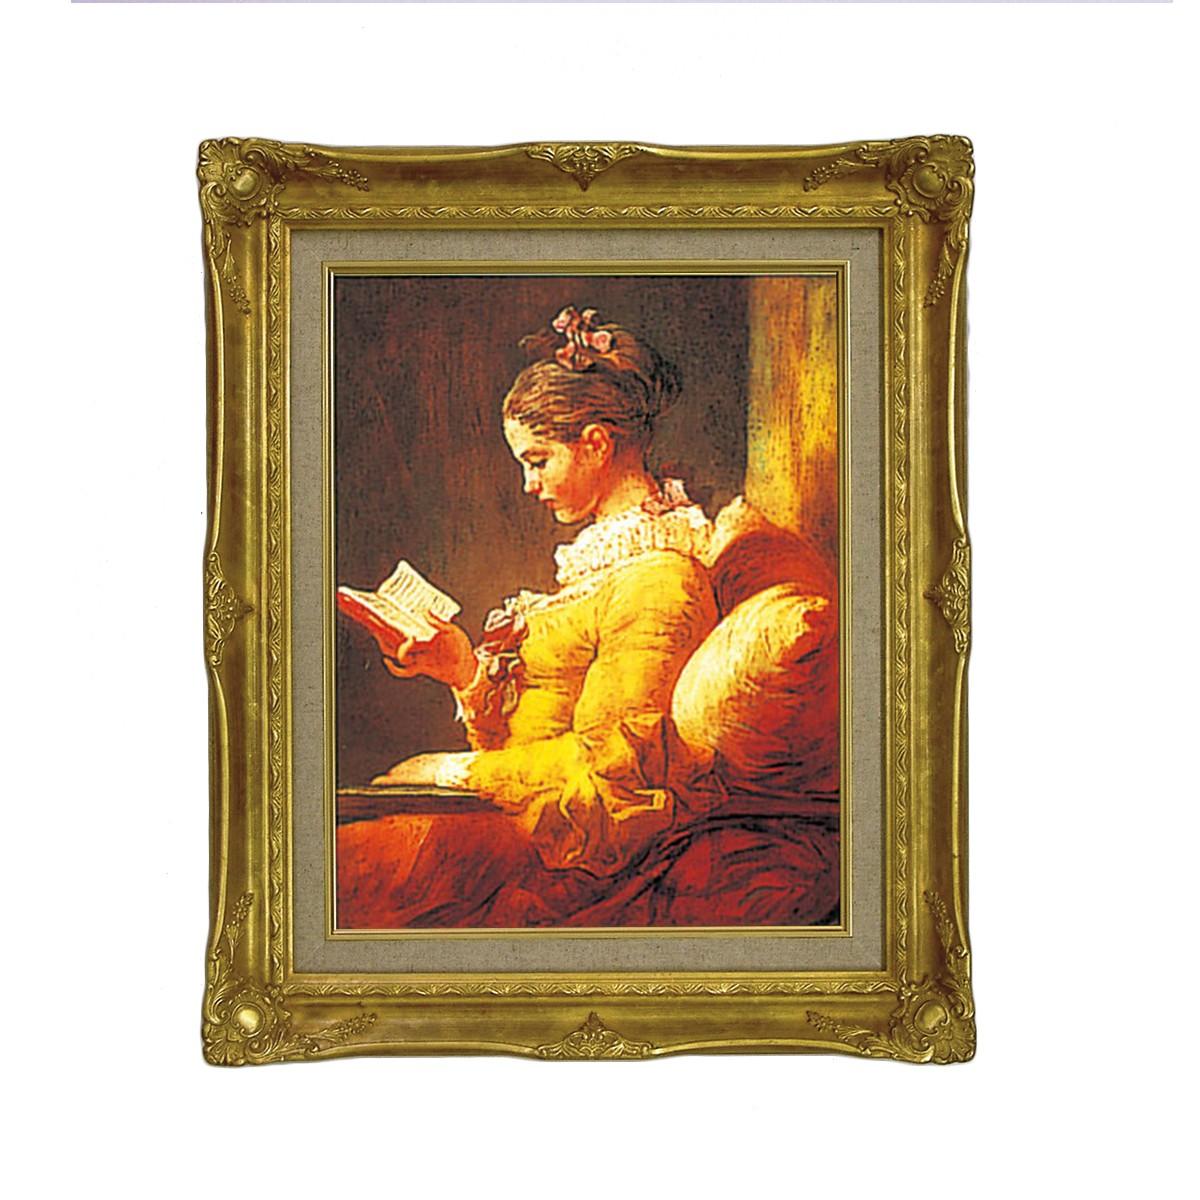 <お取り寄せ品> 複製絵画 読書する少女 フラゴナール作 F6 【 鑑賞 レプリカ 名画 西洋美術 フランス ロココ 肖像画 】